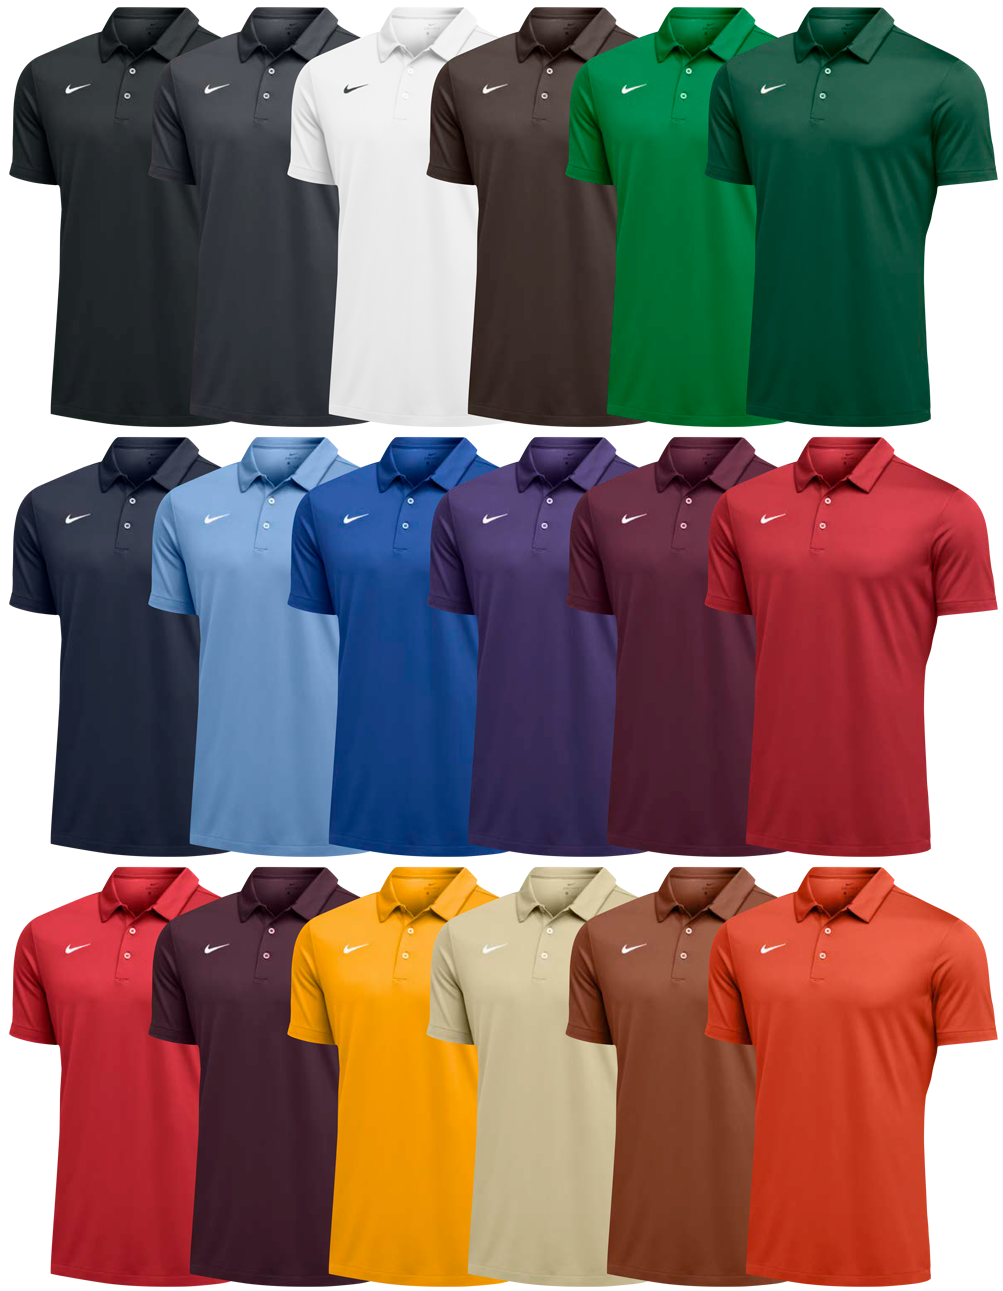 Custom Nike Polo Shirts